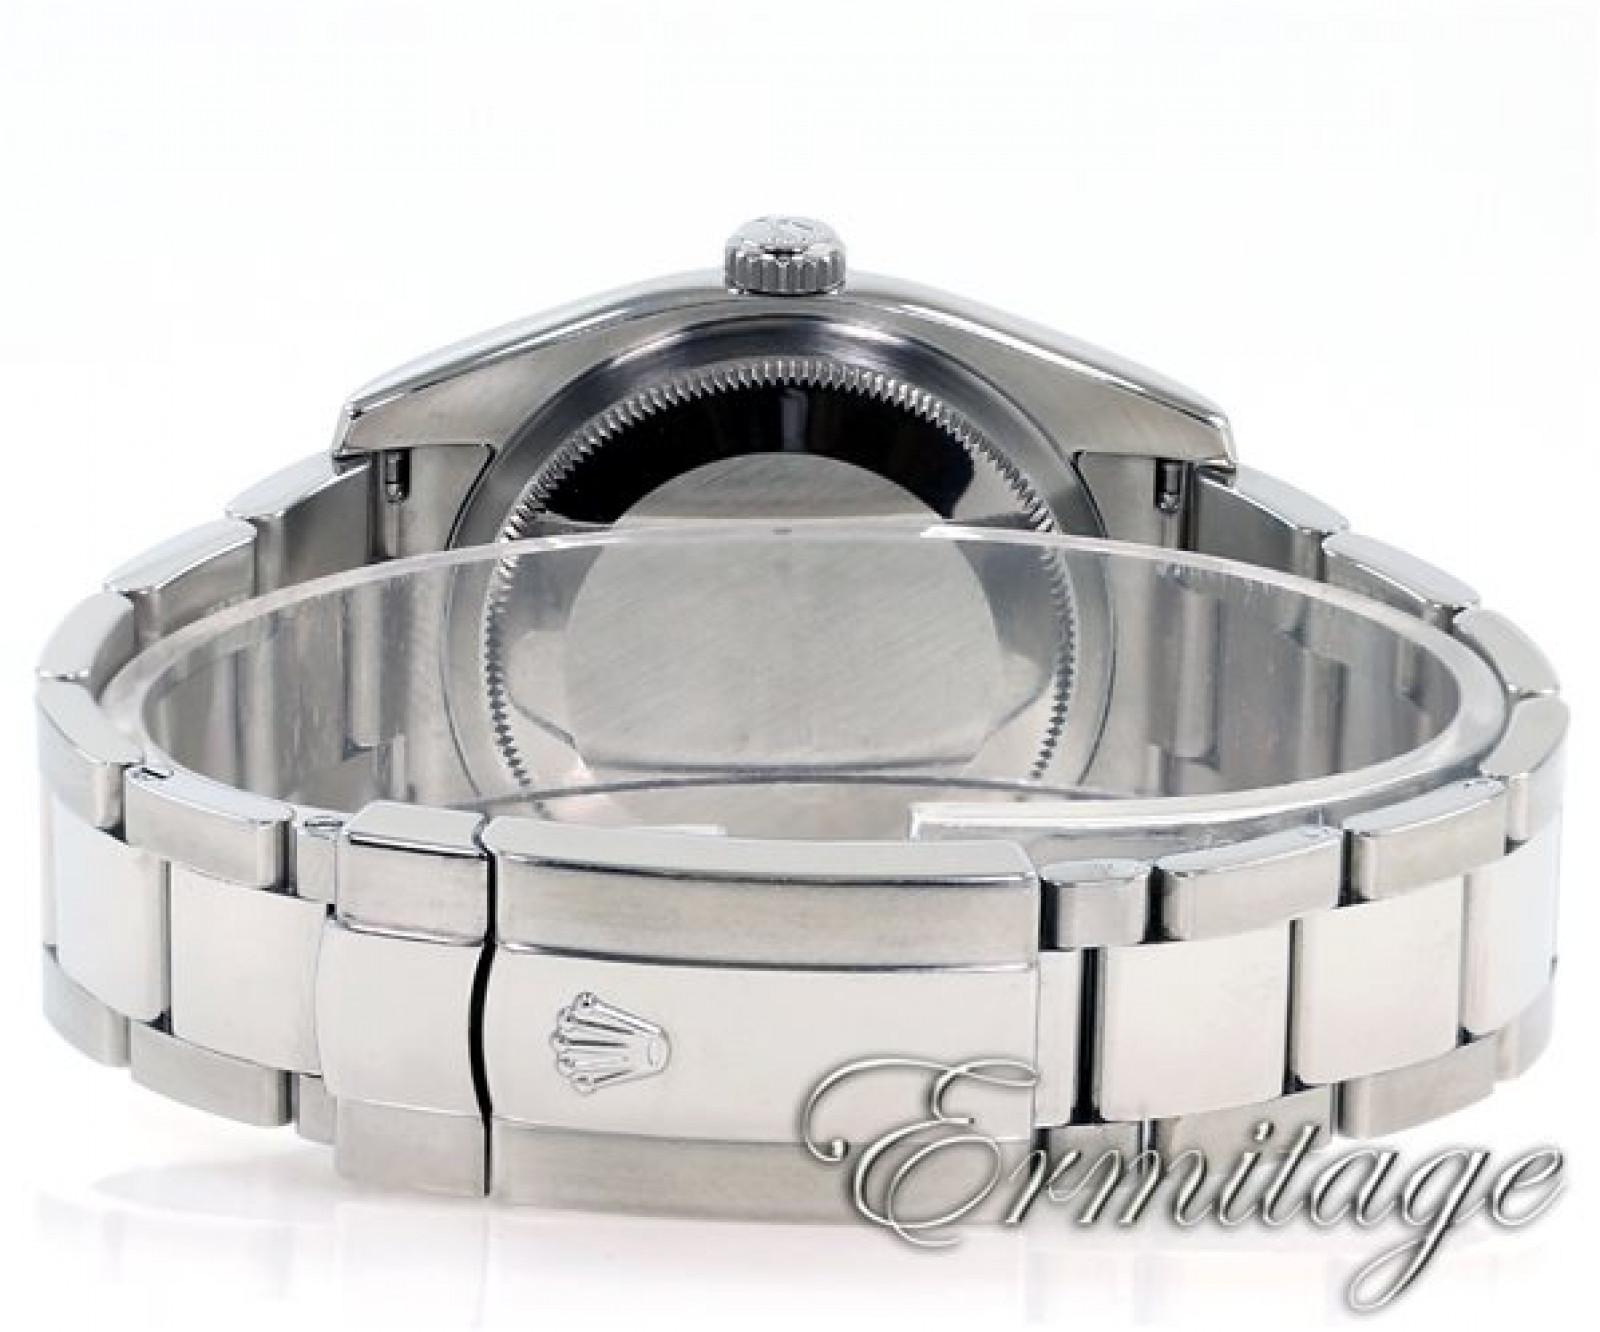 Rolex Datejust 116234 Steel 18 kt White Gold